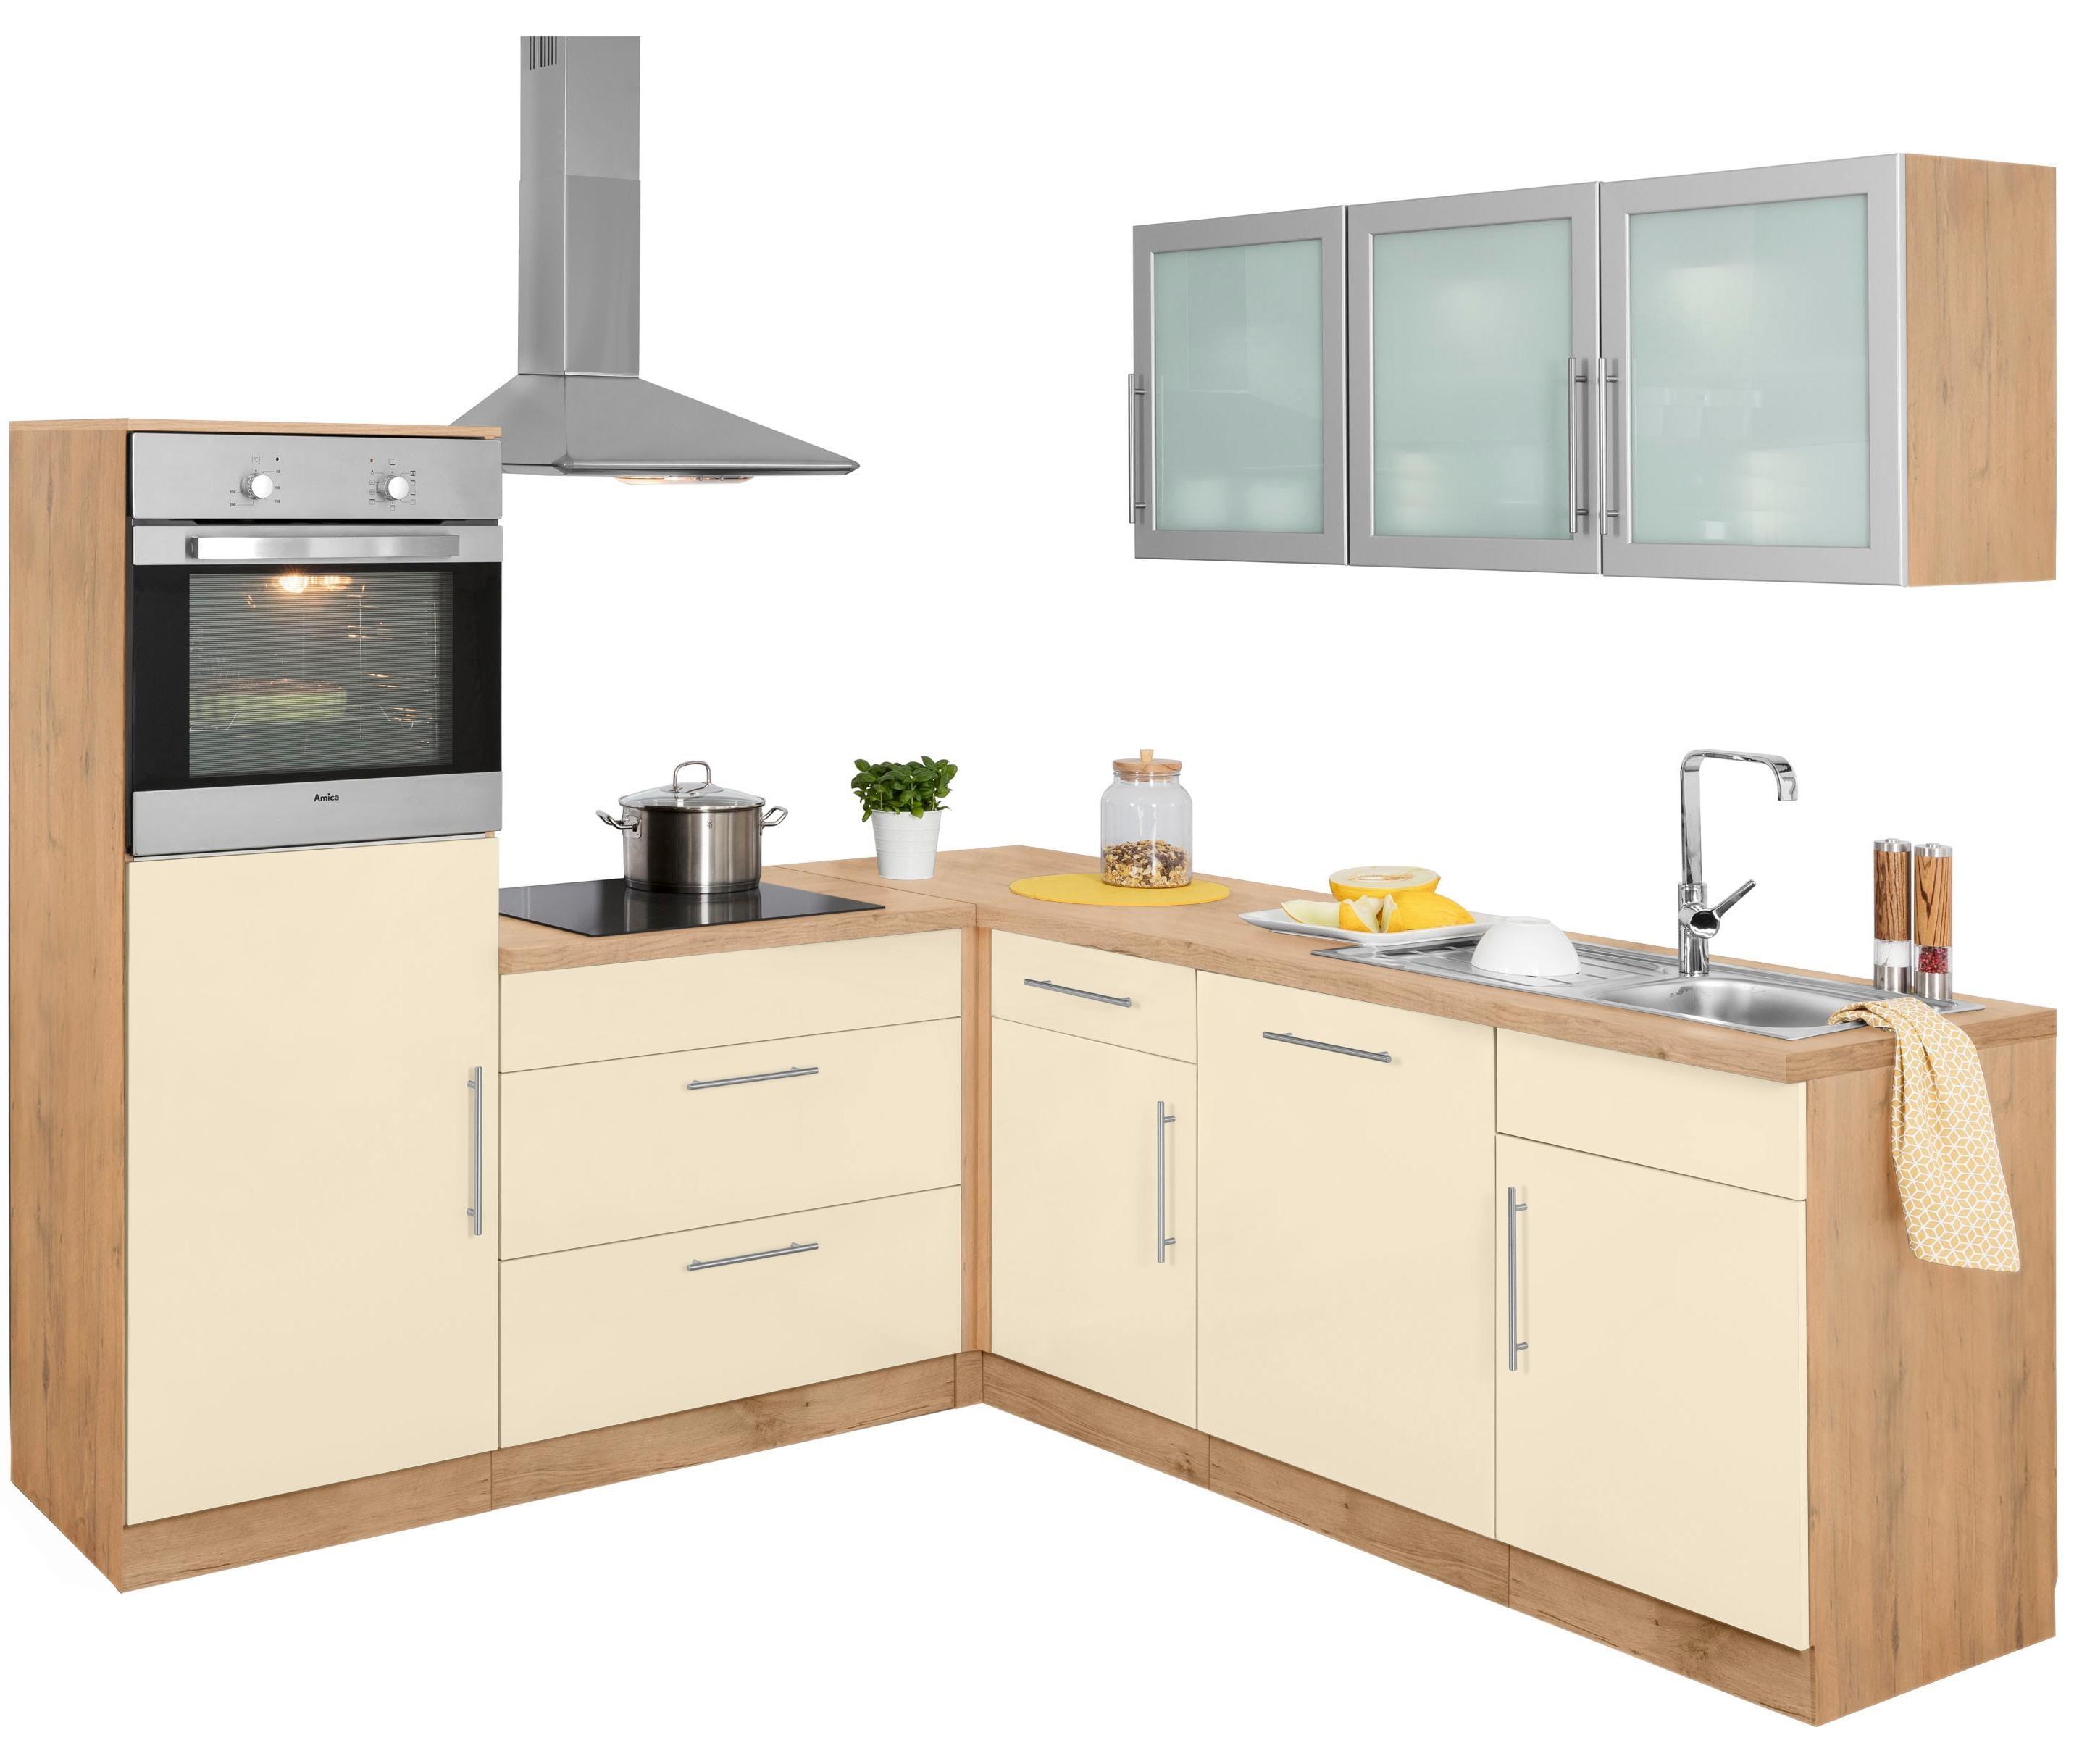 granit glaenzend winkelk chen online kaufen m bel suchmaschine. Black Bedroom Furniture Sets. Home Design Ideas